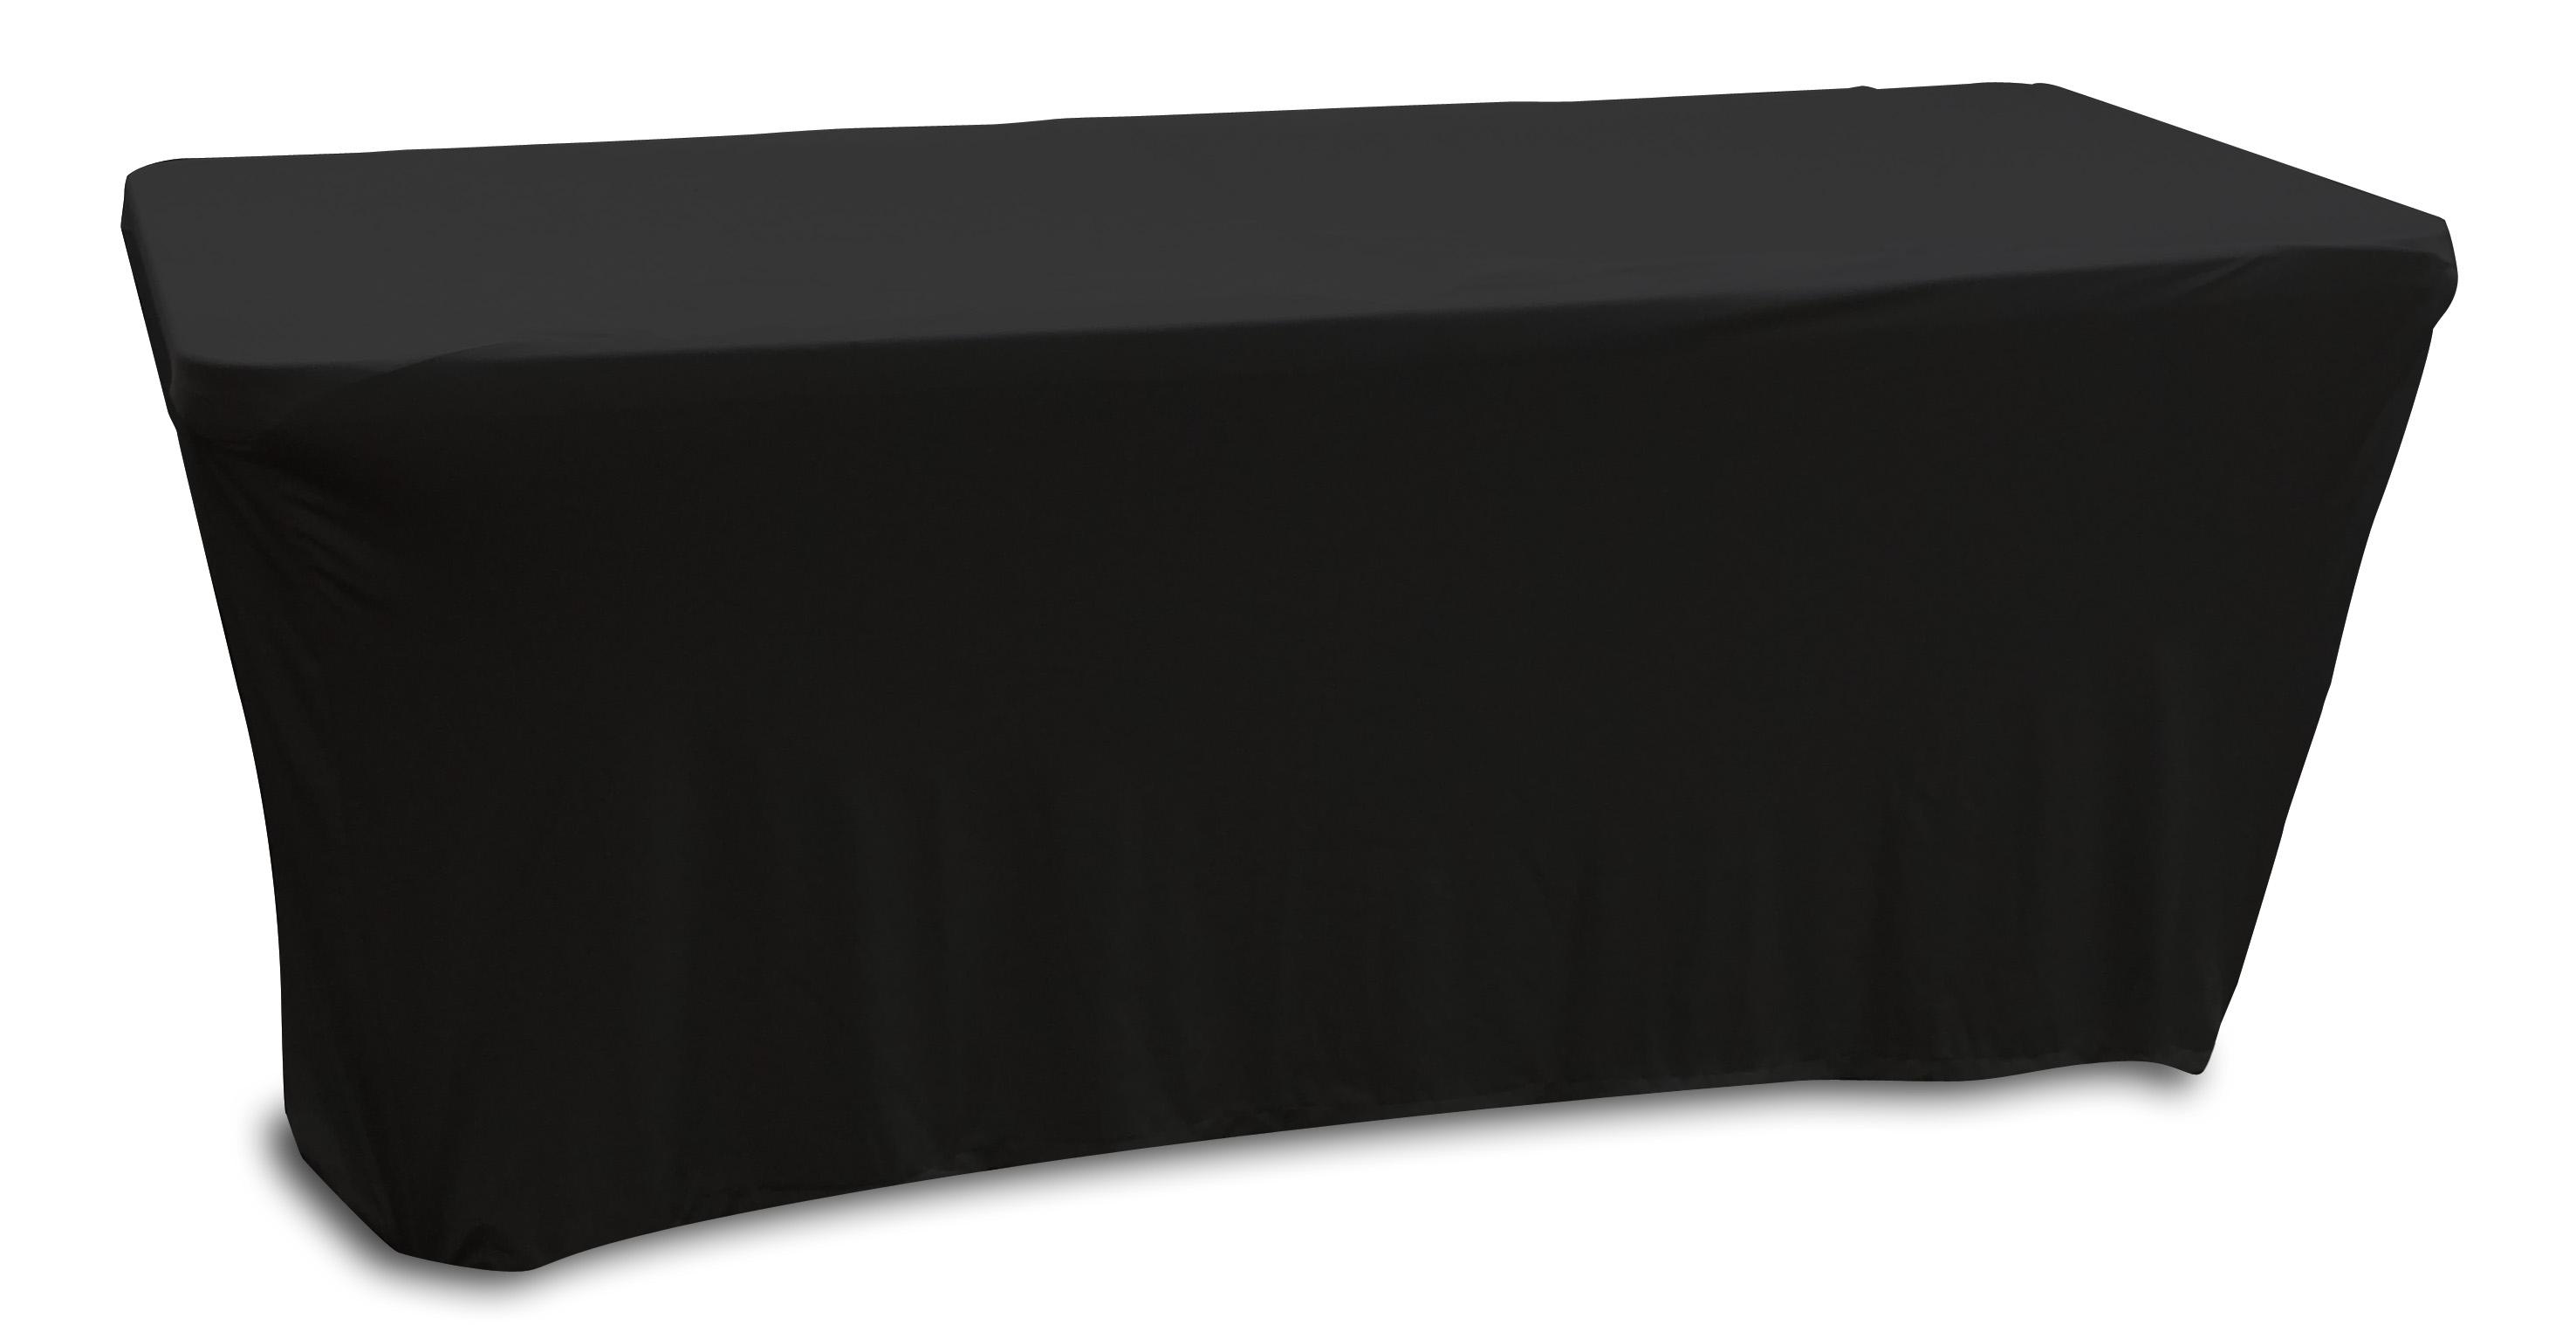 Odyssey Case SPATBL6BLK- Scrim for Banquet Table, 6'  Black